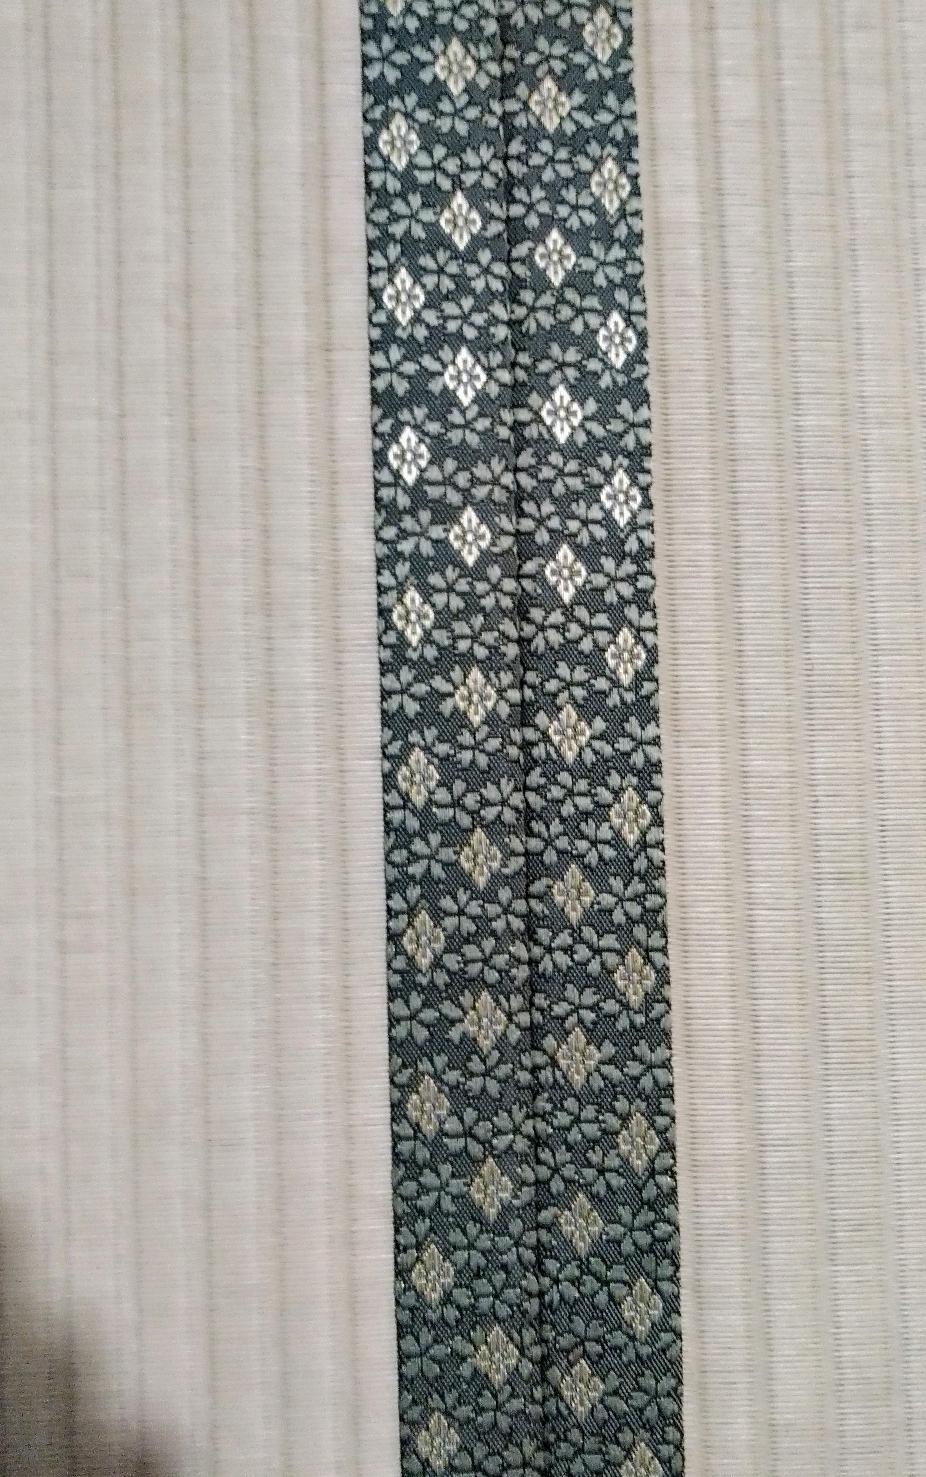 セキスイ美草リーフグリーン色、畳縁 アラベスクNo530です。